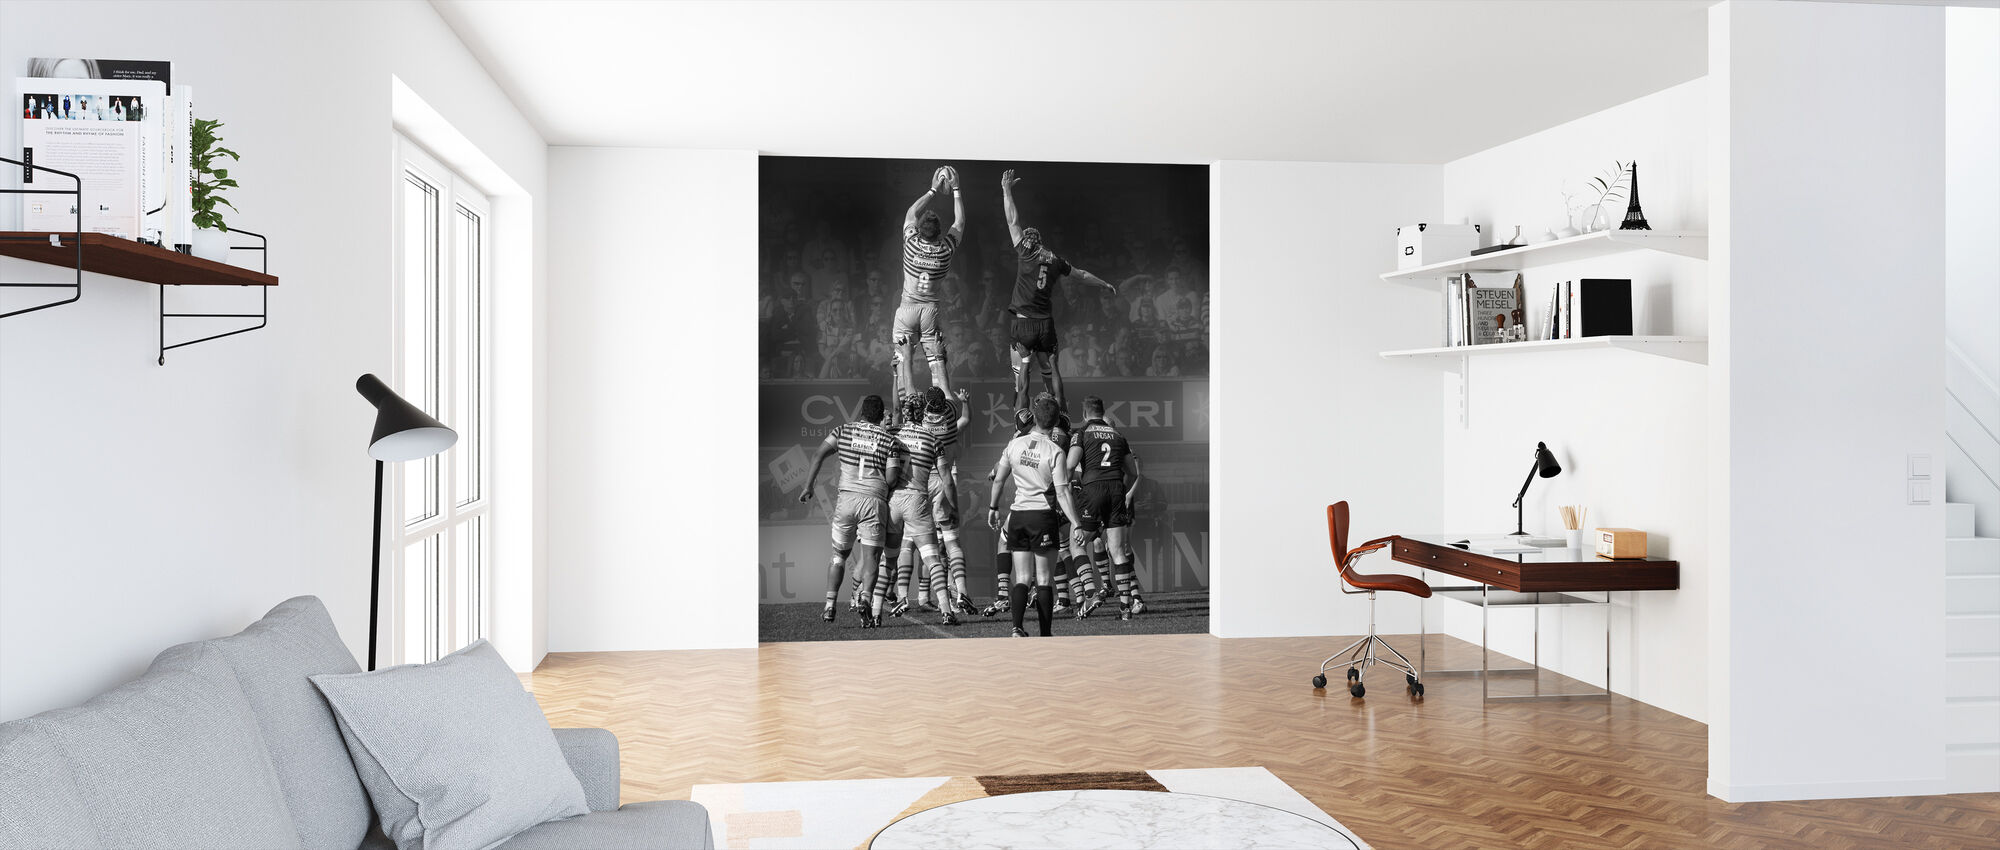 8 vs 5 - Wallpaper - Office